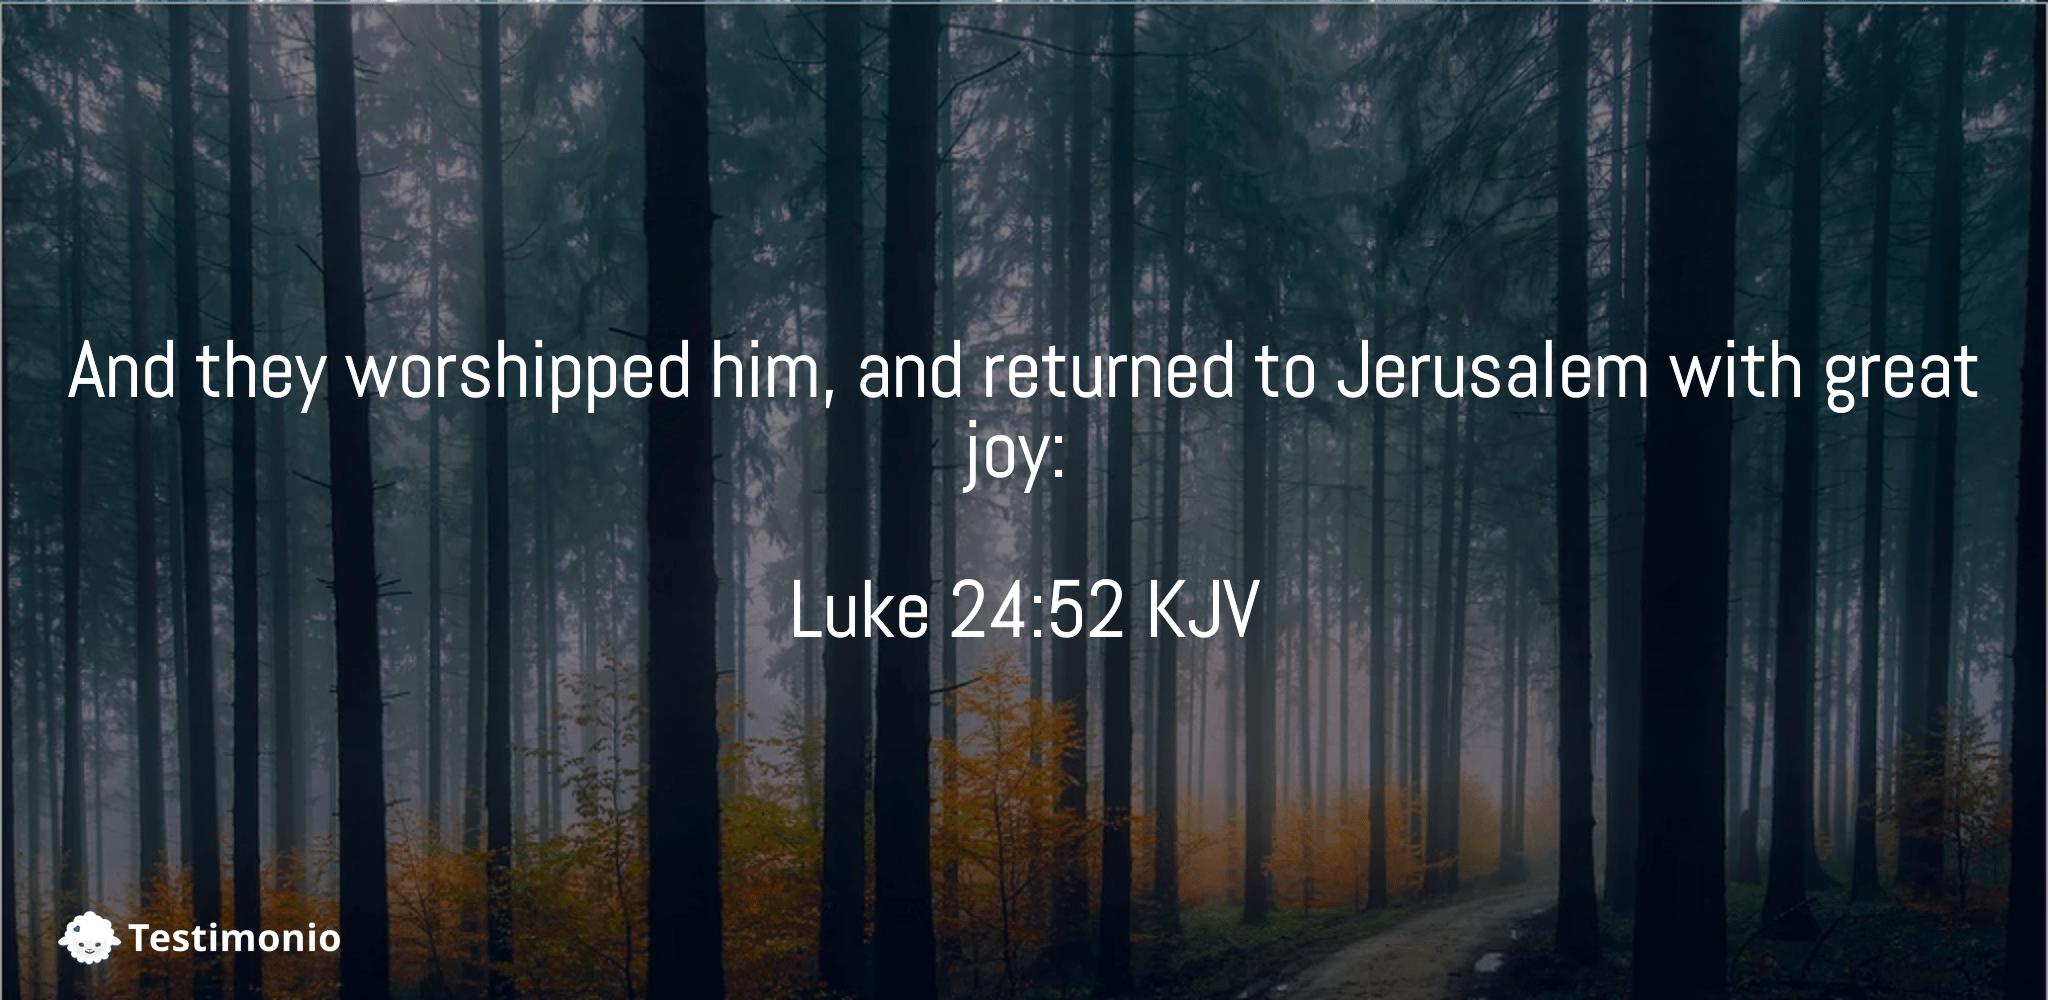 Luke 24:52